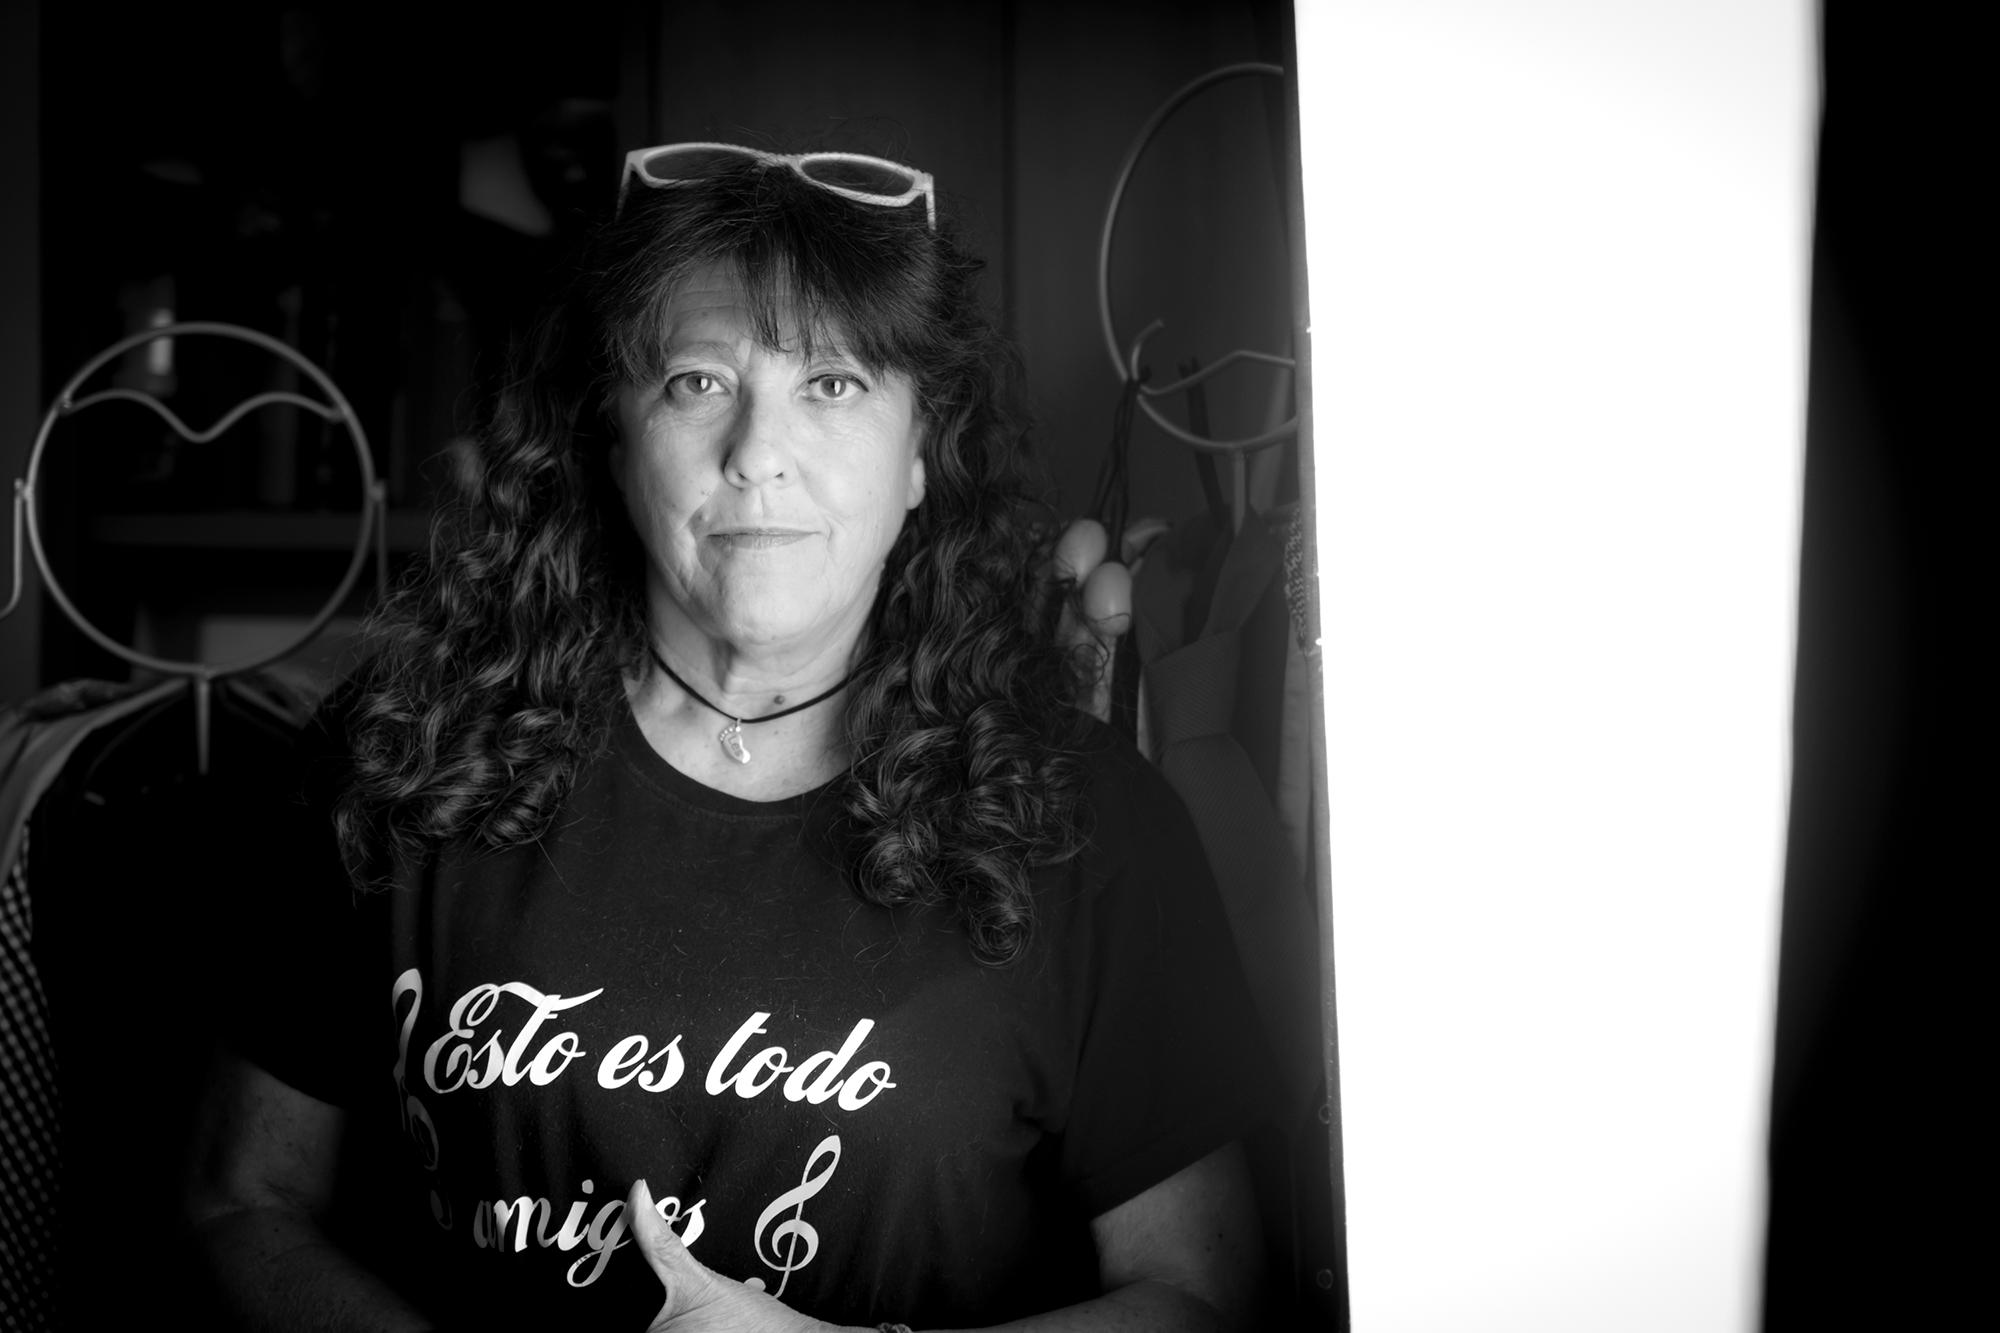 Les Ibáñez Fotógrafa Rocío Periago Juntos Cambiamos el Mundo